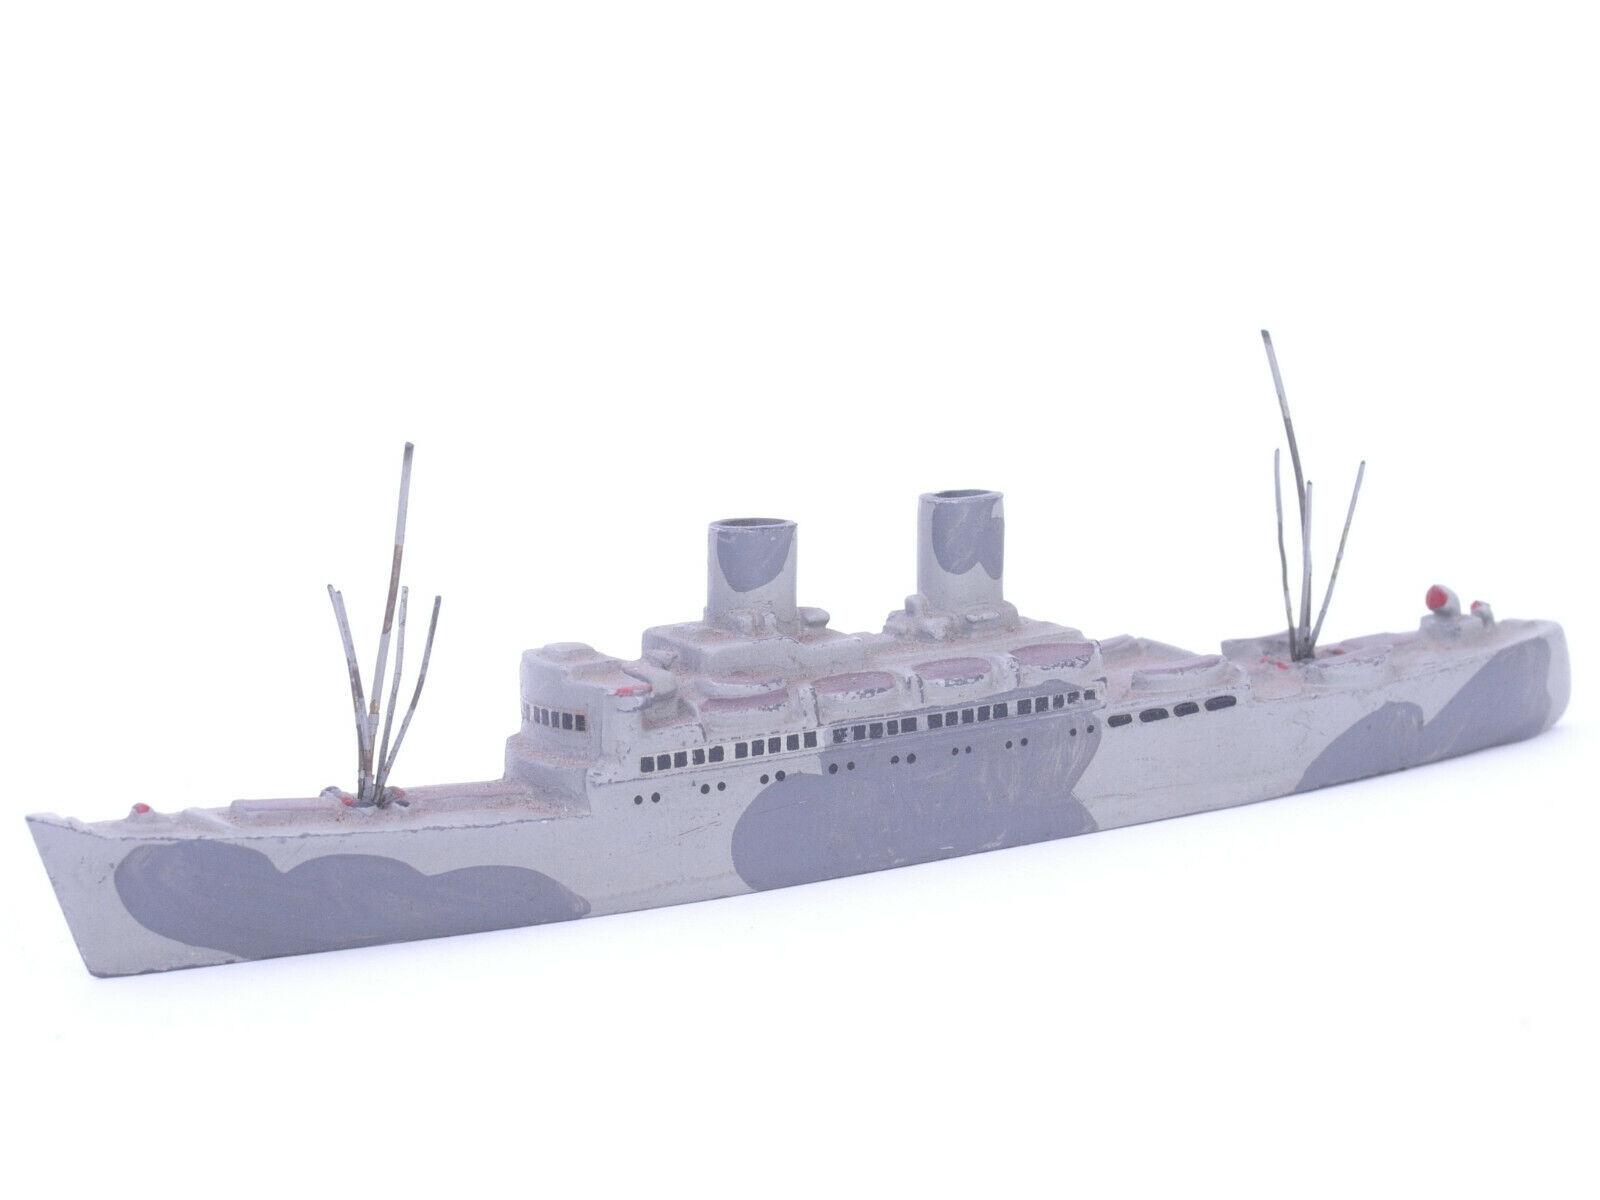 Wiking modelo rápidonnate-trasatlánticos Windhoek pretoria tarnColoreee nublado